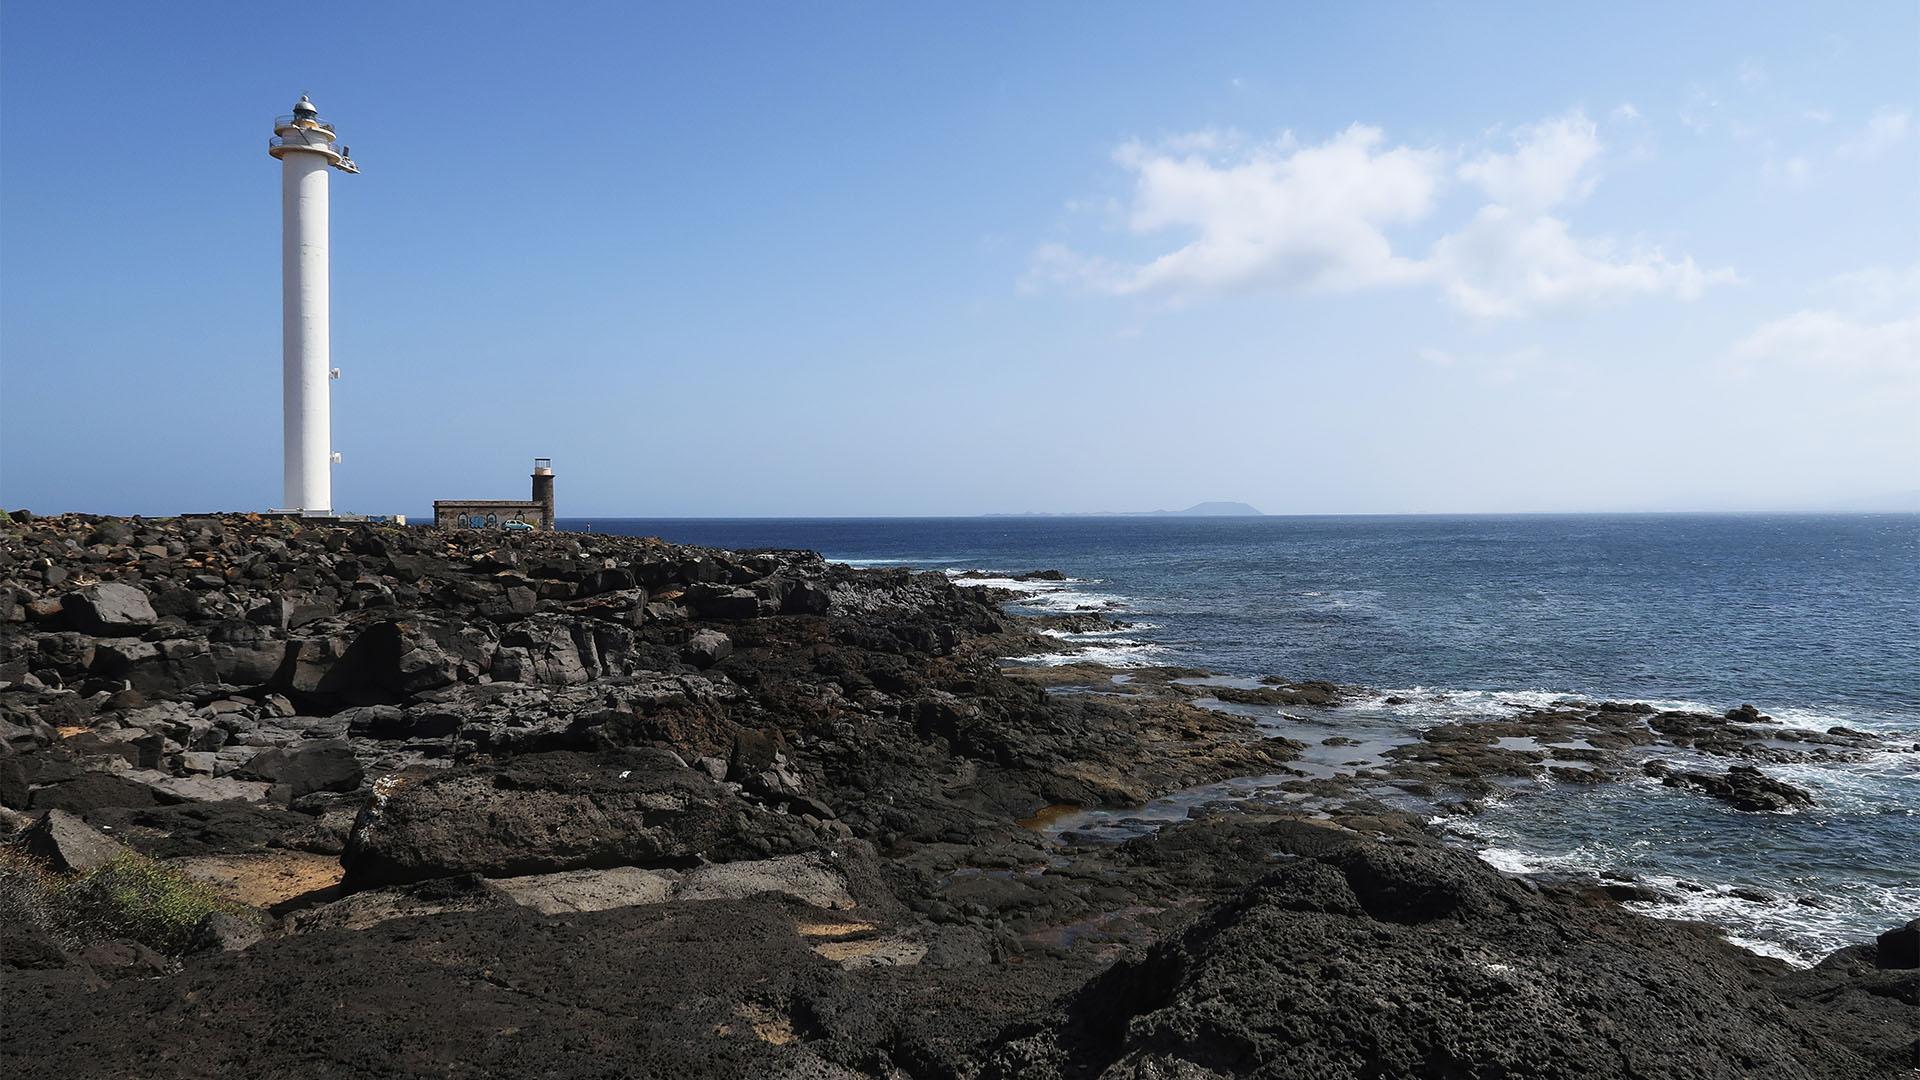 Alter und neuer Leuchtturm Faro Punta de Pechiguera Lanzarote.